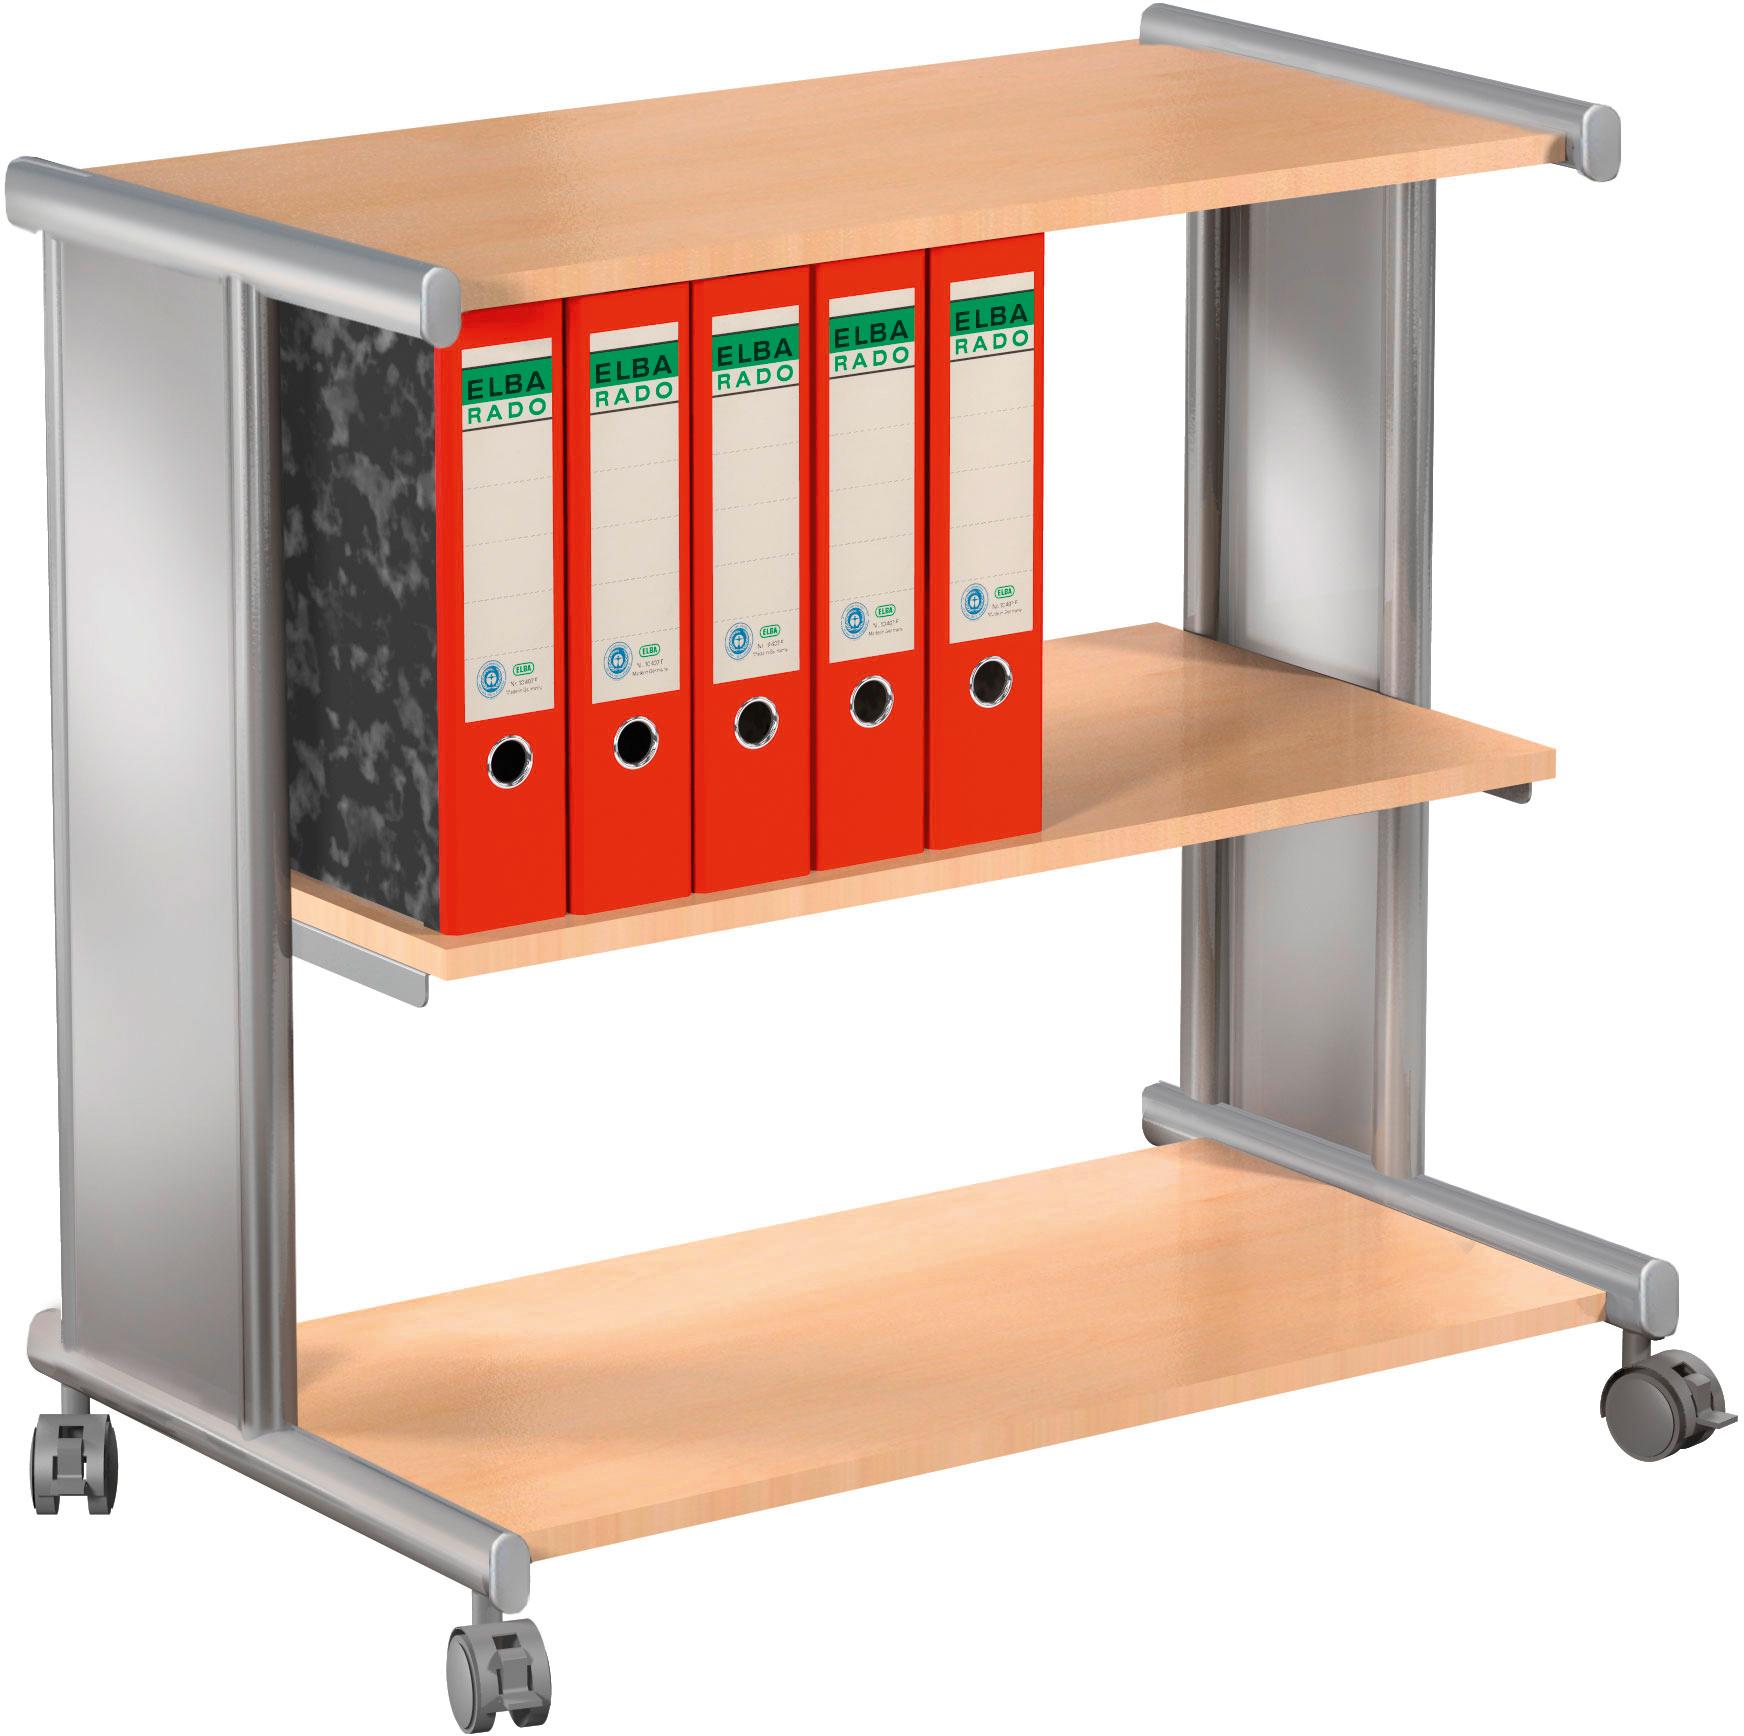 Bürowagen Pragma Etagenwagen mit 3 Ablageböden in alusilber/ buche